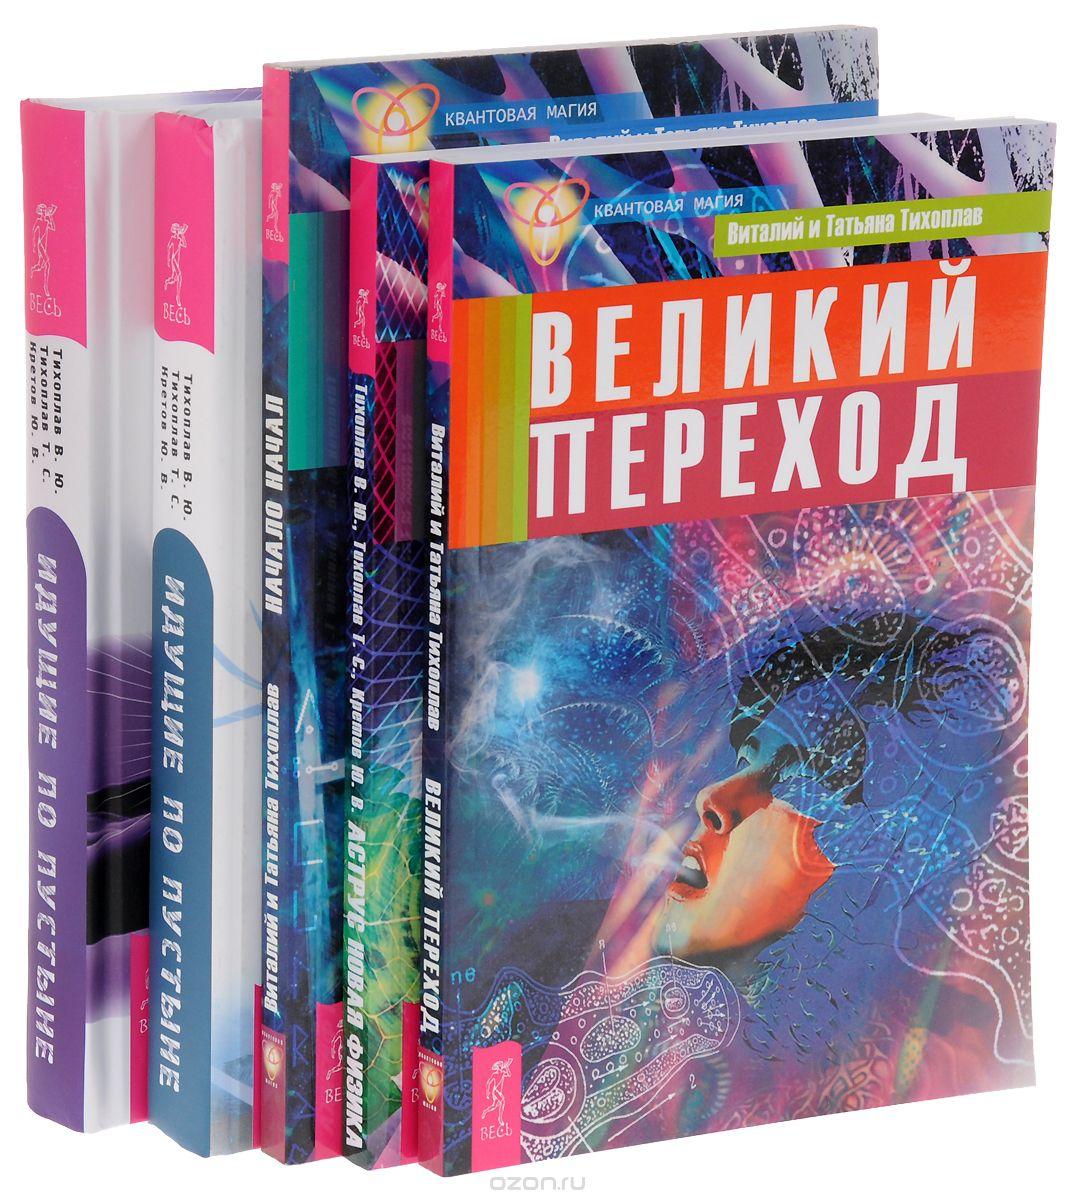 Татьяна Тихоплав: Великий переход. Аструс. Начало начал. Идущие по пустыне. Время. Идущие по пустыне (комплект из 5 книг)